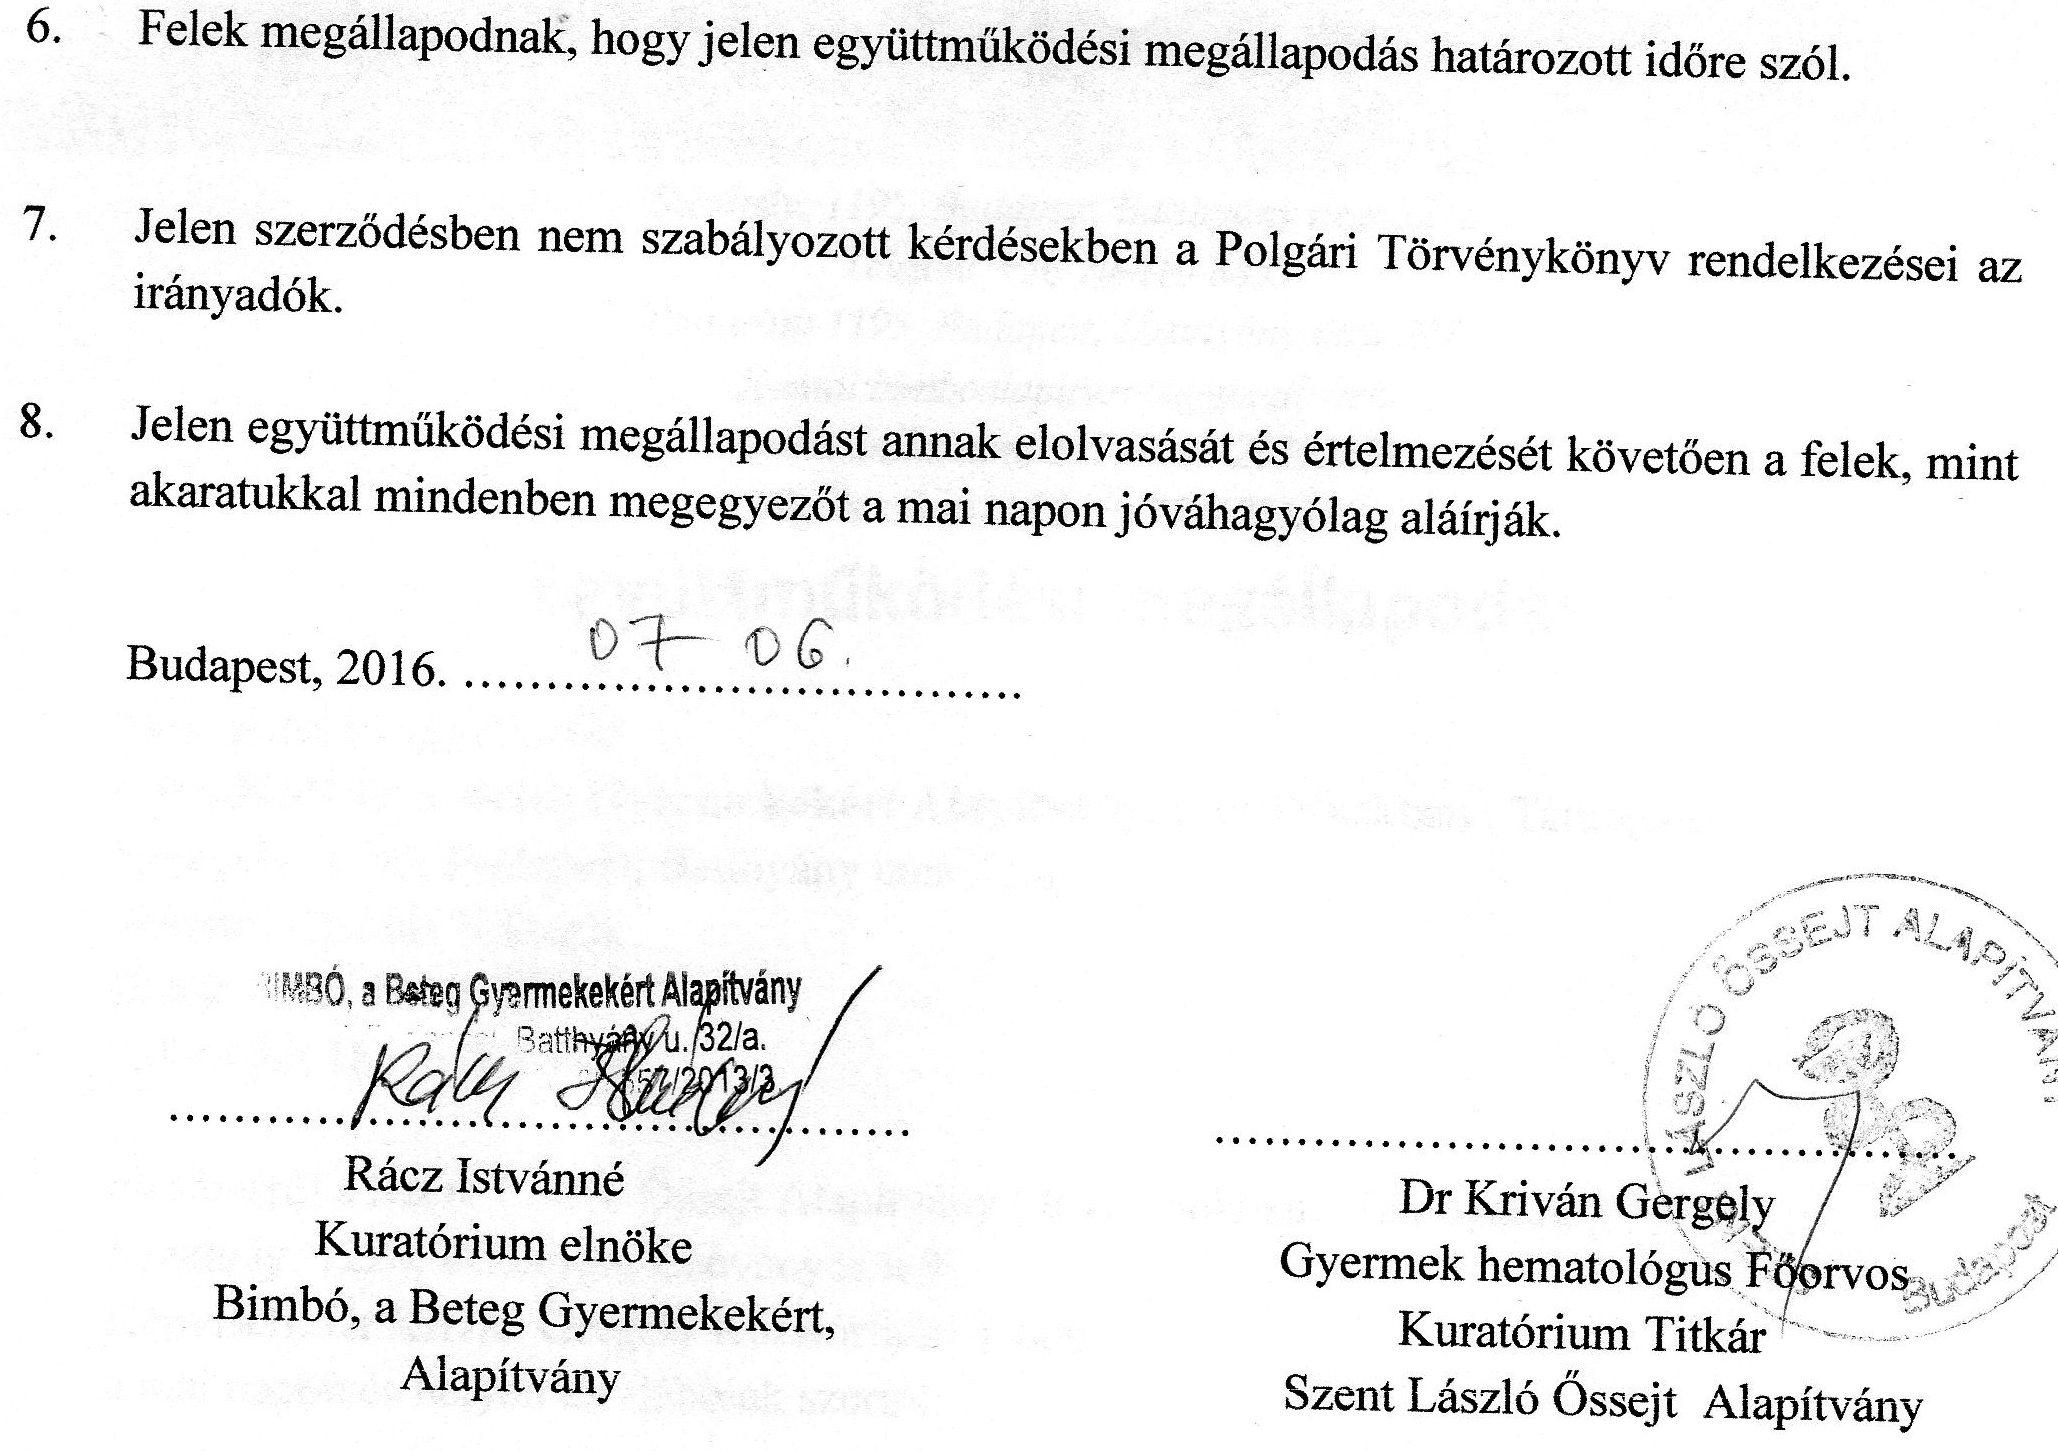 Szent László Kórház - Együttműködési megállapodás 2.